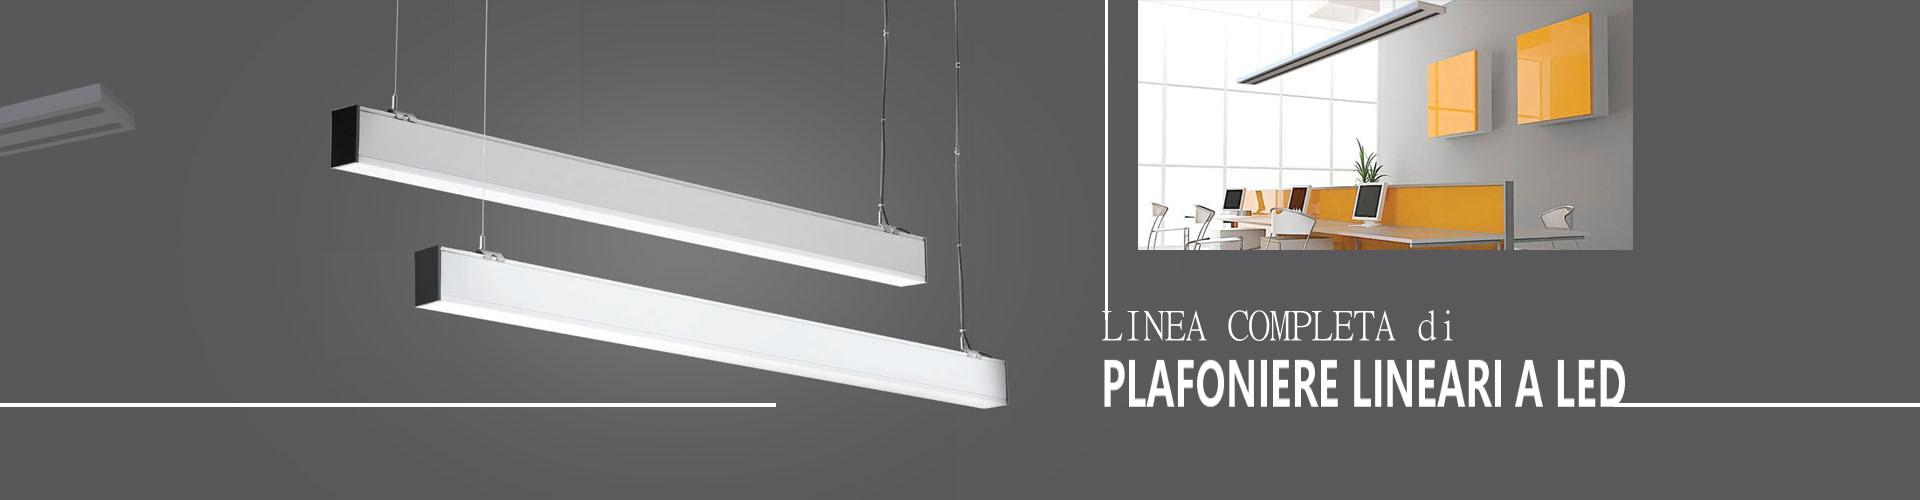 Plafoniere lineari a LED professionali prodotte da V-TAC